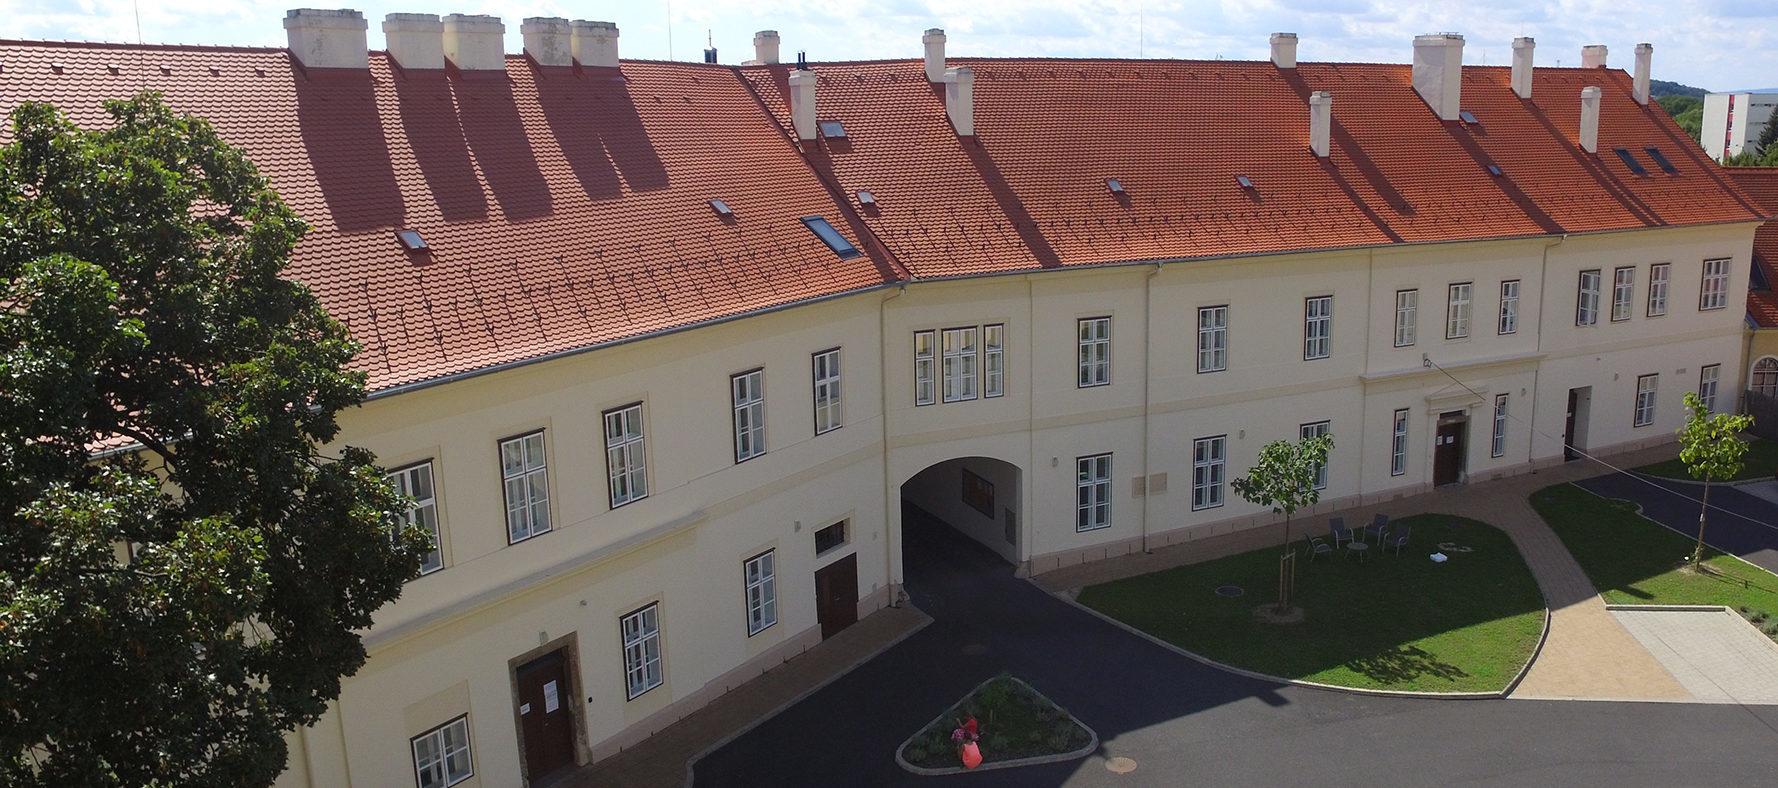 II. János Pál Katolikus Kollégium és Szakkollégium